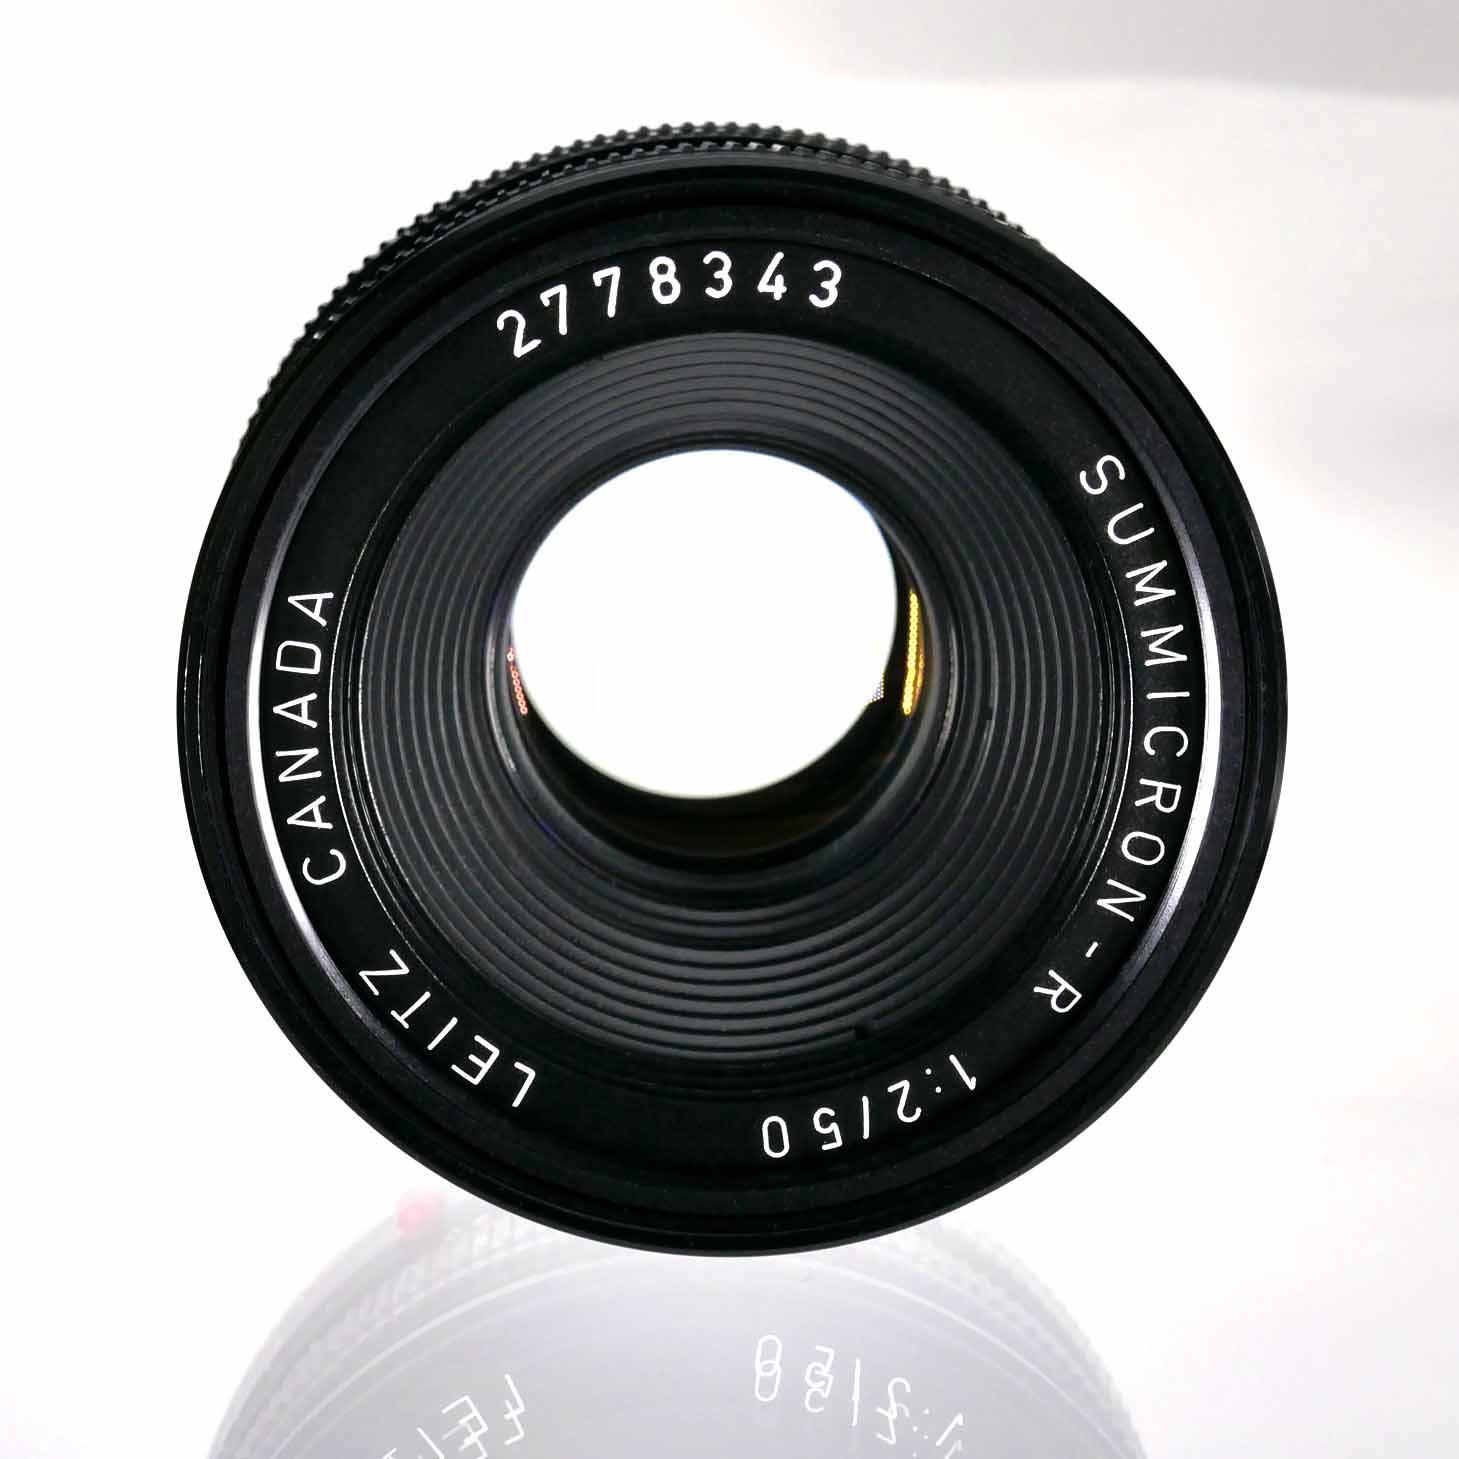 clean-cameras-Leica-R3-Summicron-50mm-02